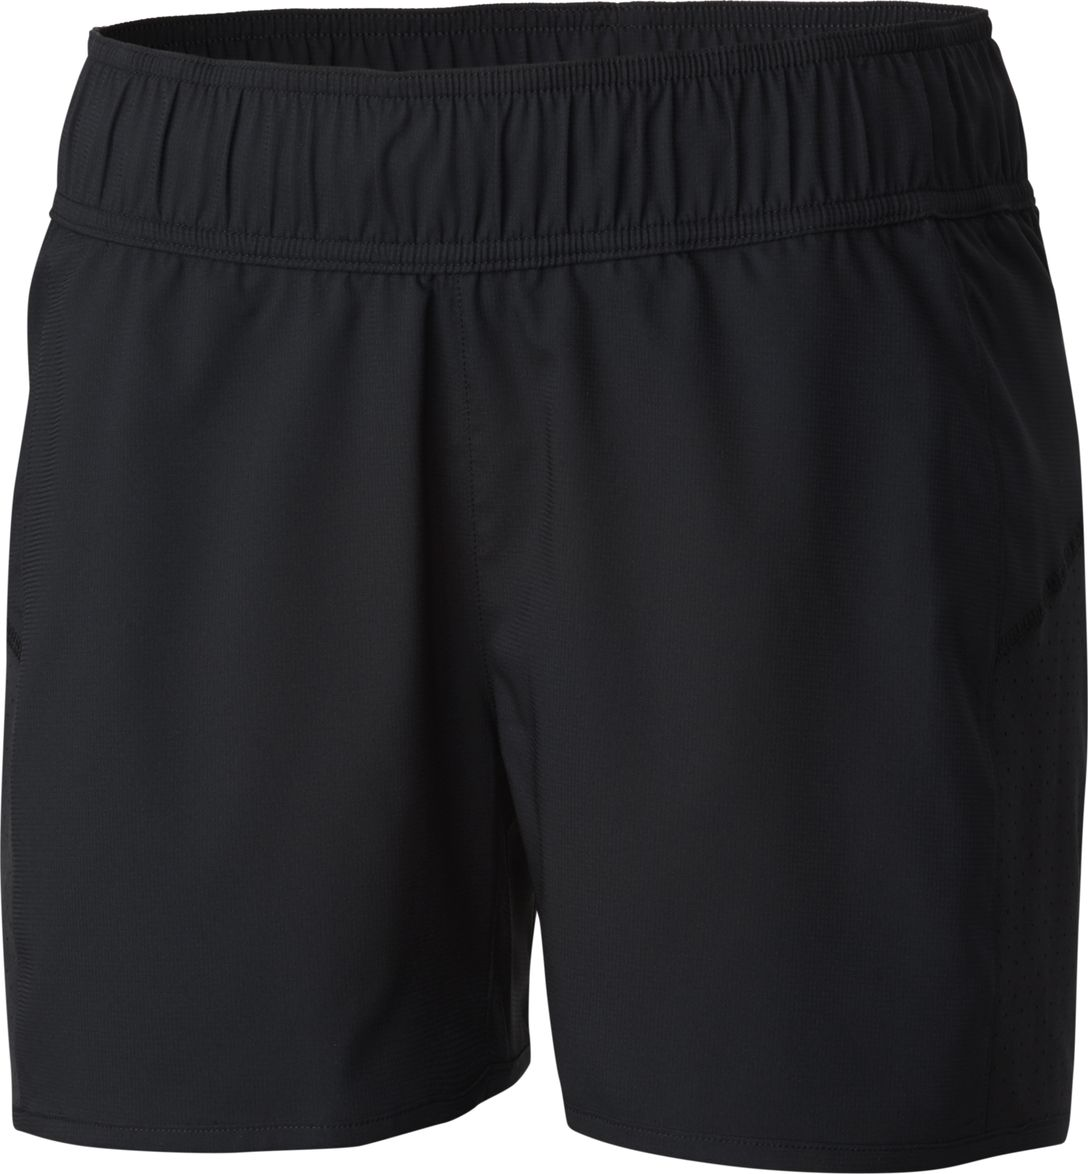 Шорты женские Columbia Bryce Canyon Short, цвет: черный. 1773711-010. Размер XS (42)